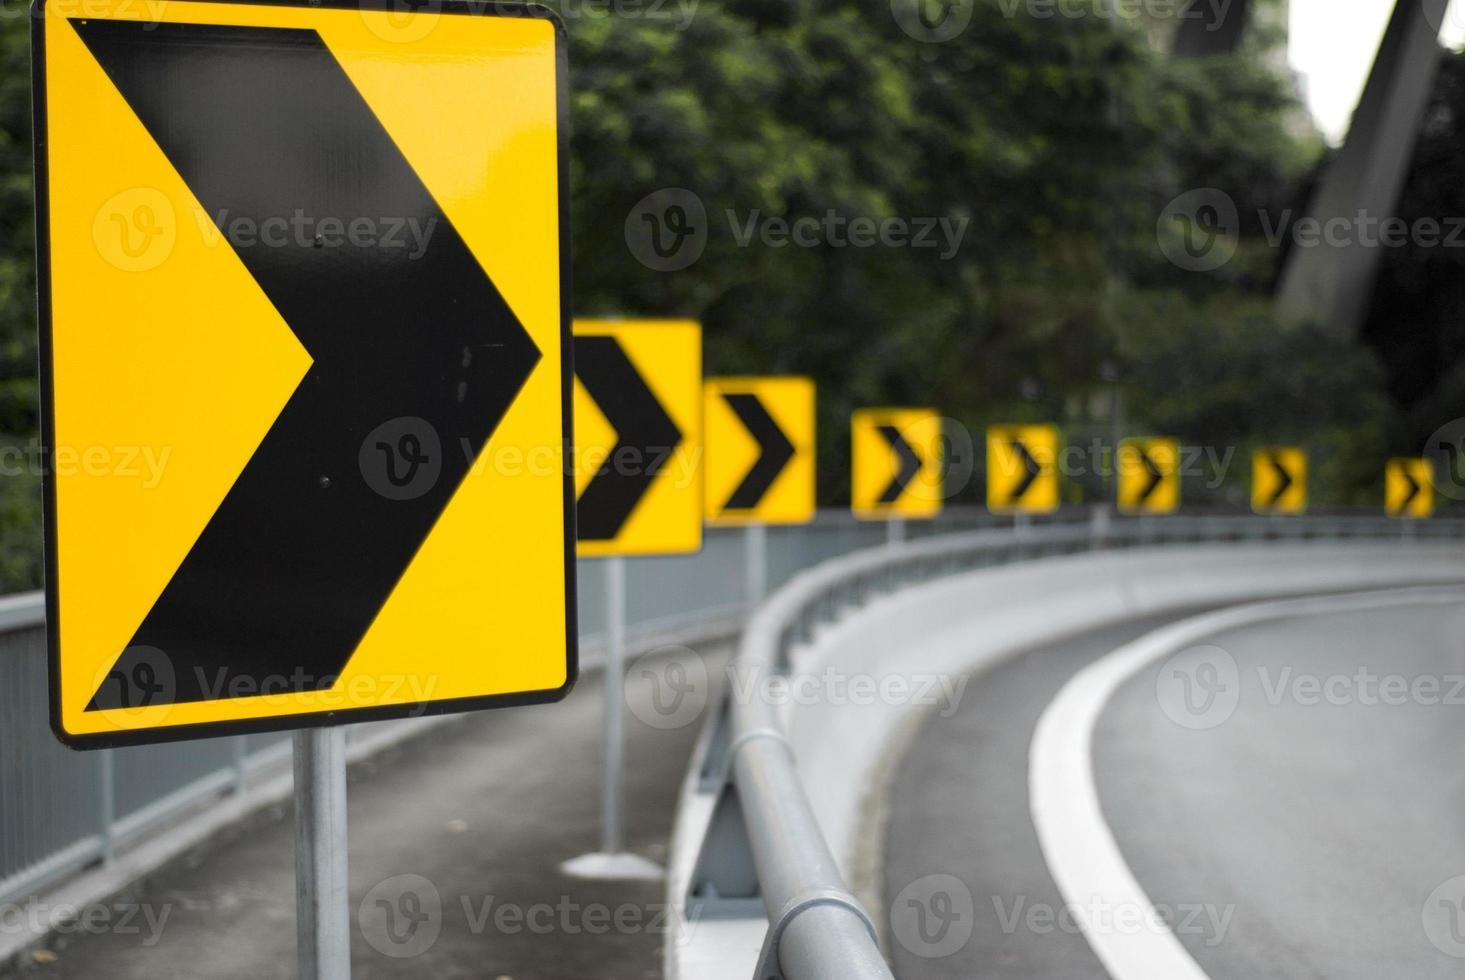 foto de letreros amarillos en la carretera apuntando hacia la derecha